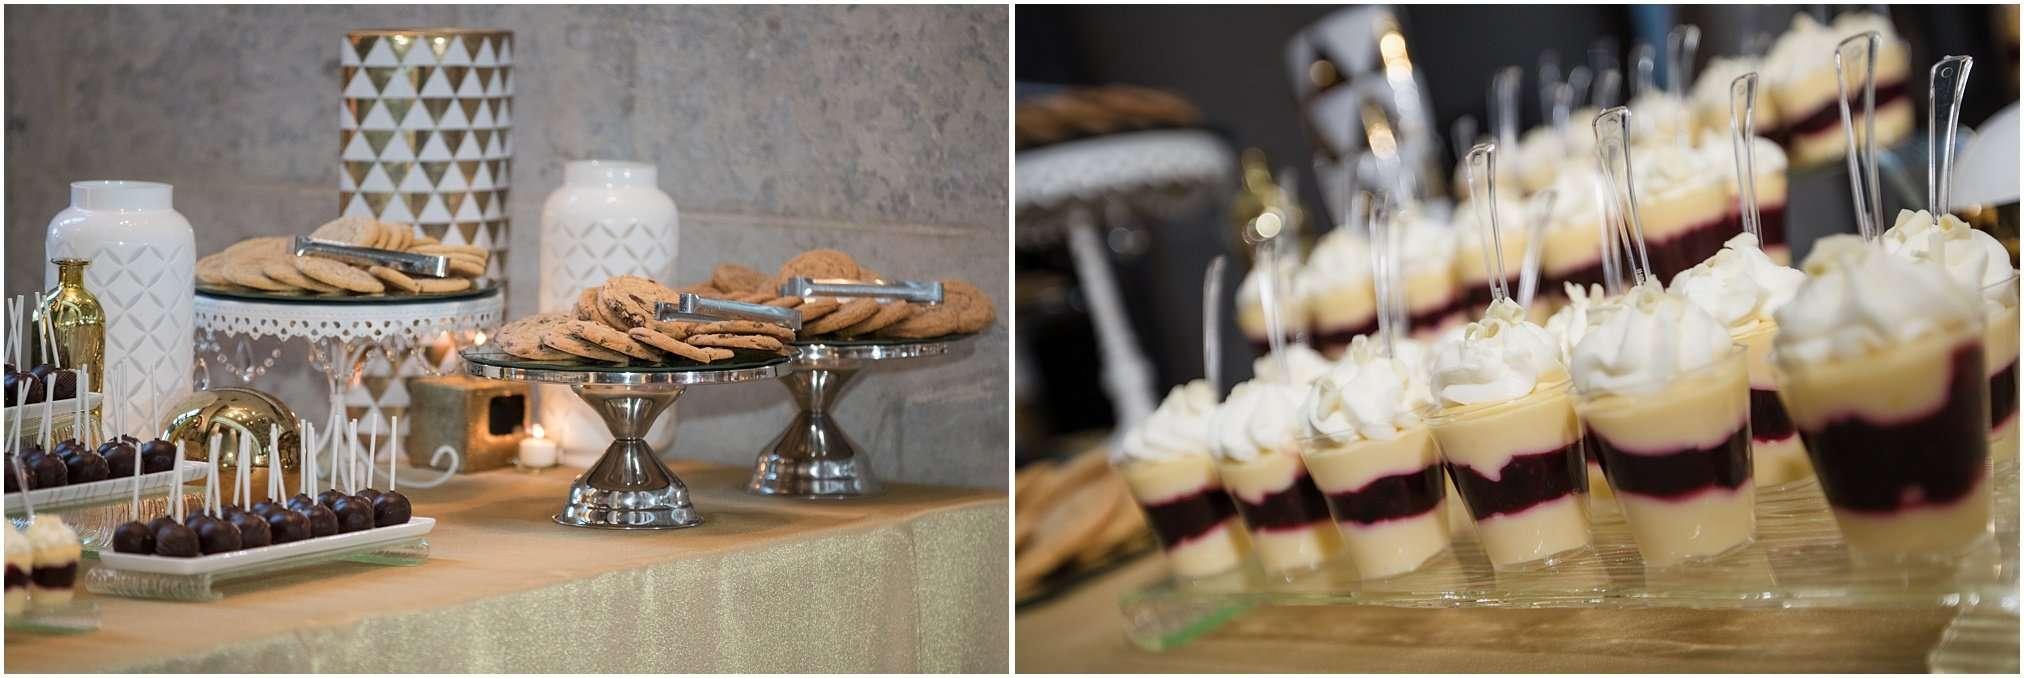 Spring Wedding at the Ohio Statehouse | Columbus Ohio Photography 206